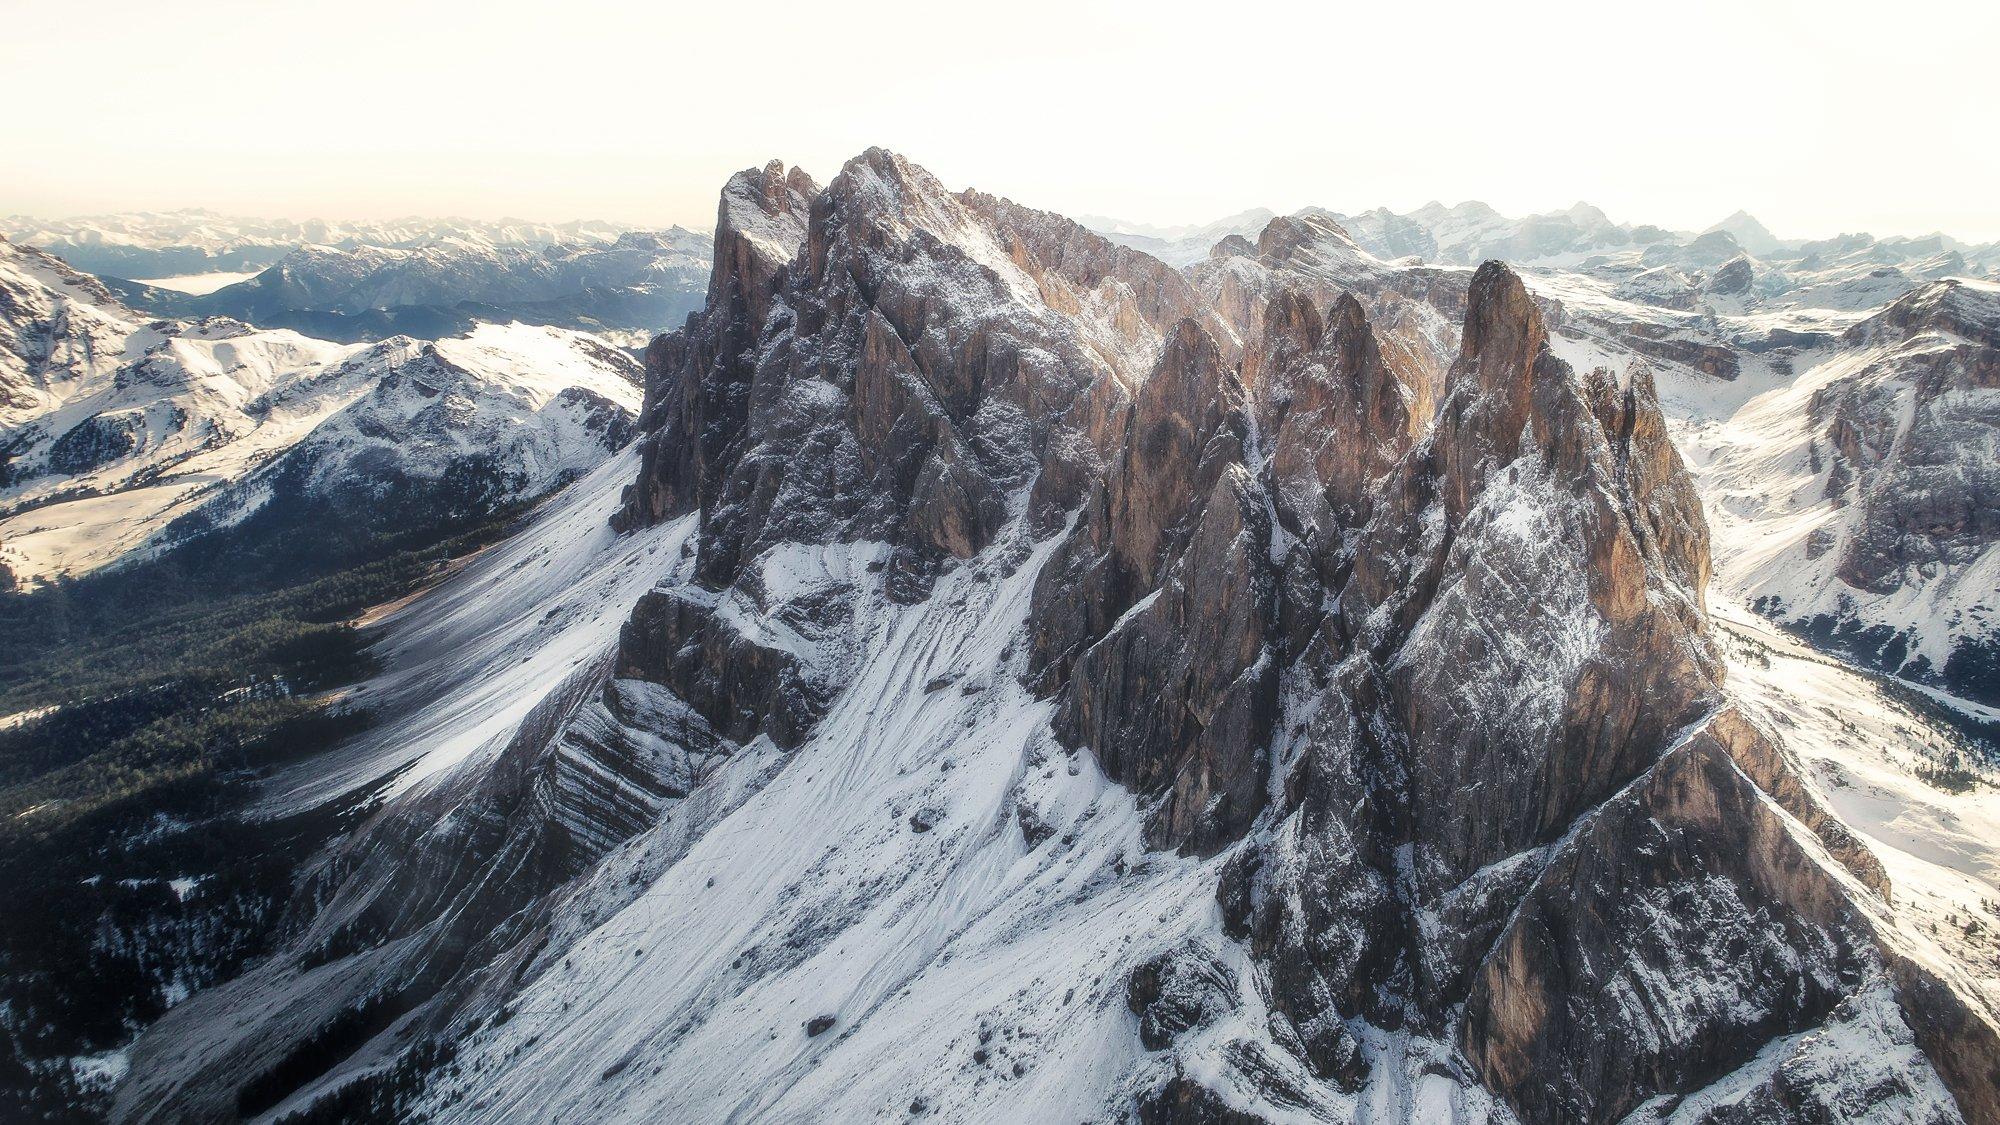 #seceda #italia #италия #горы #доломиты, Arthur Cross